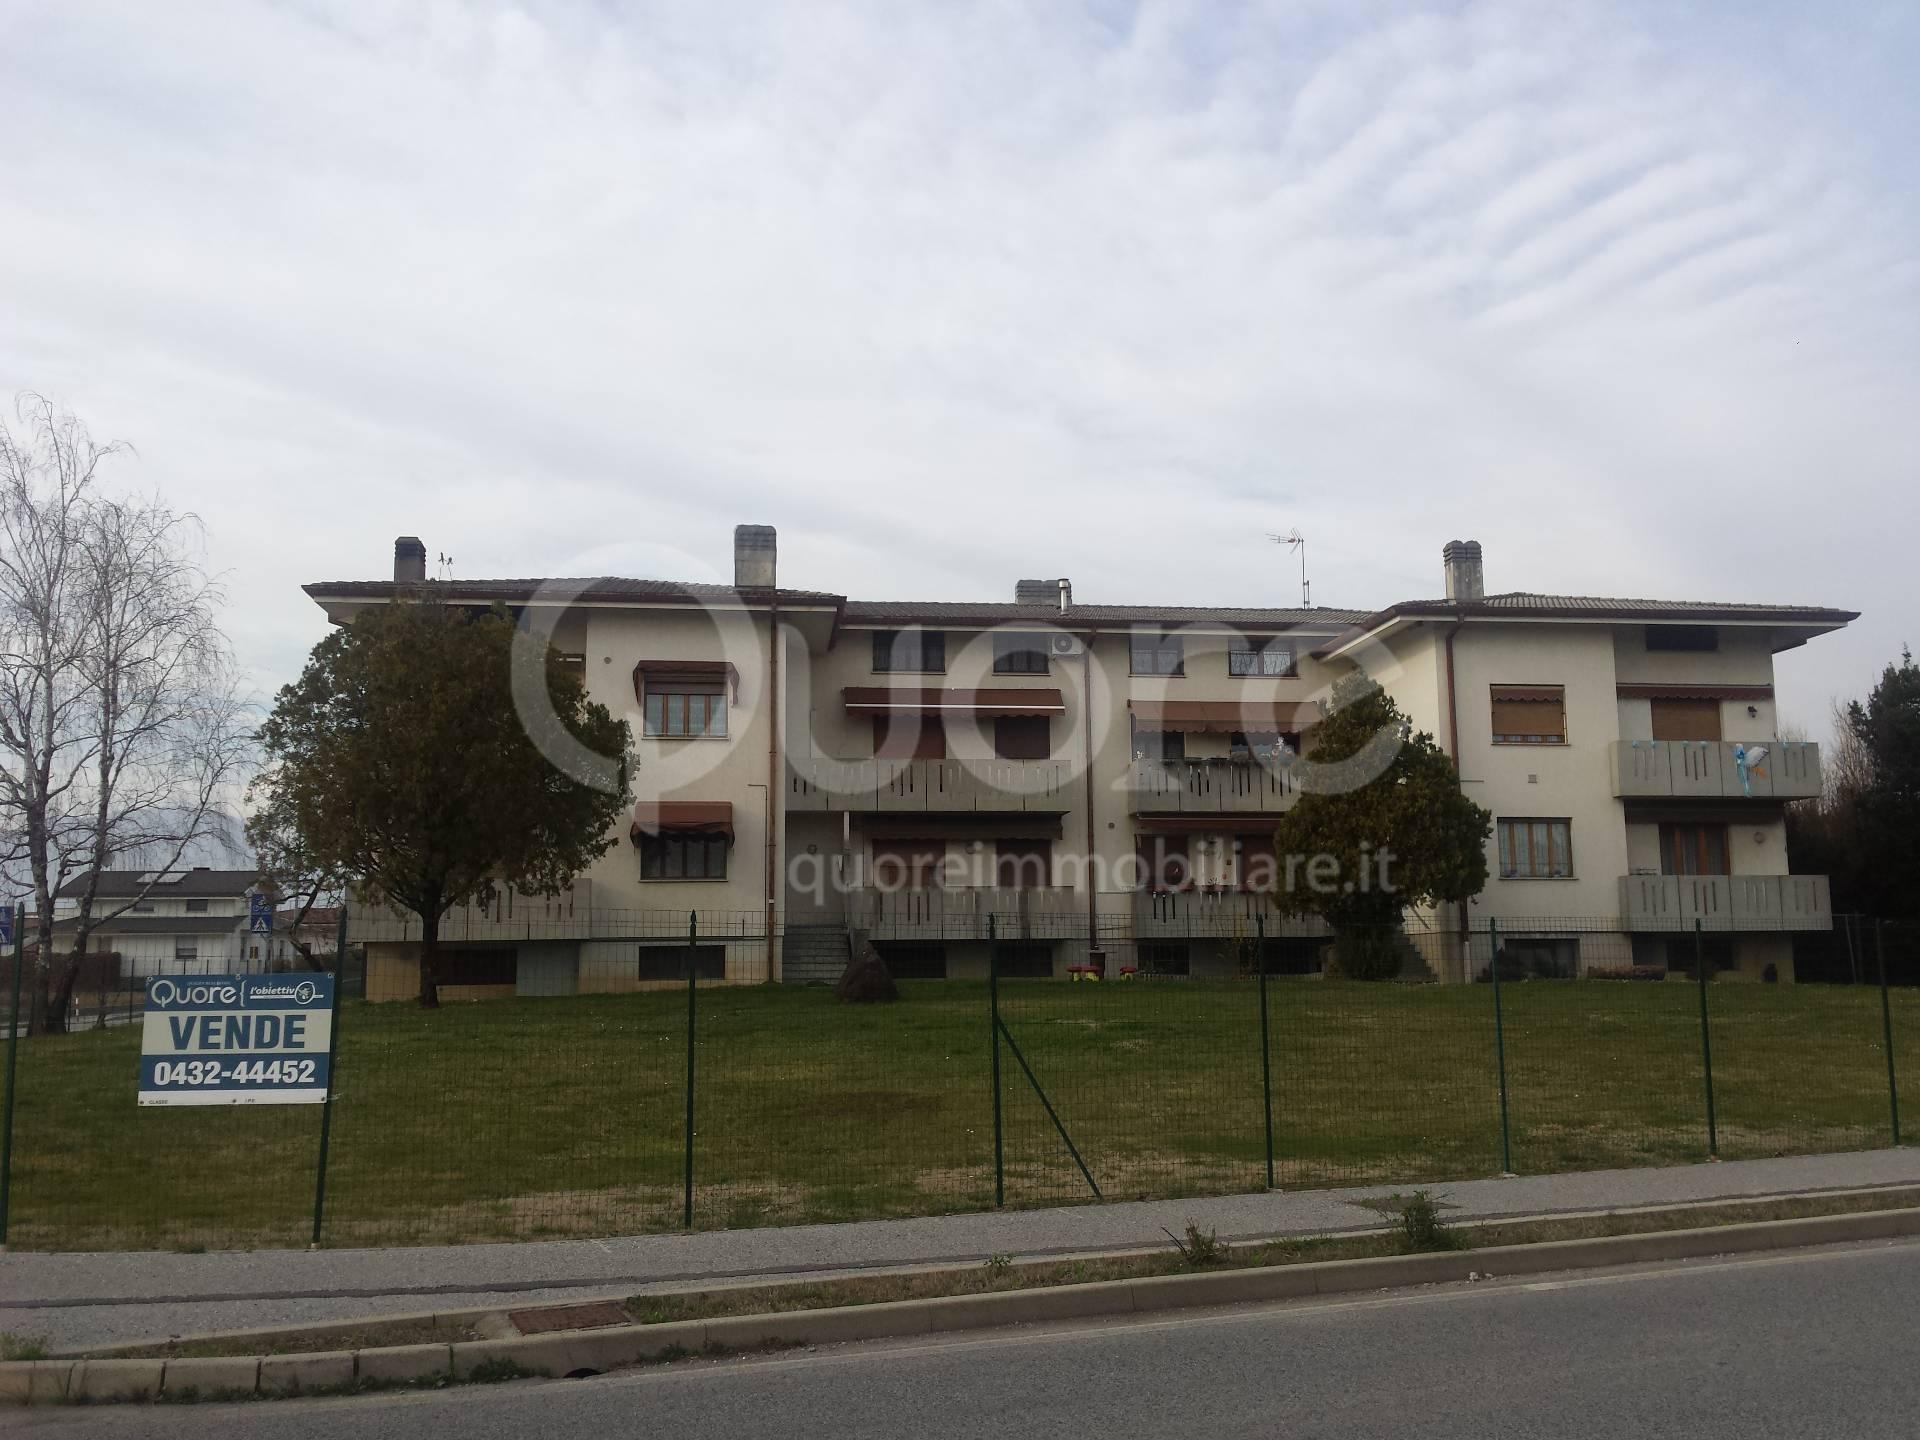 Appartamento in vendita a Buia, 4 locali, zona Località: Buia, prezzo € 79.000 | CambioCasa.it